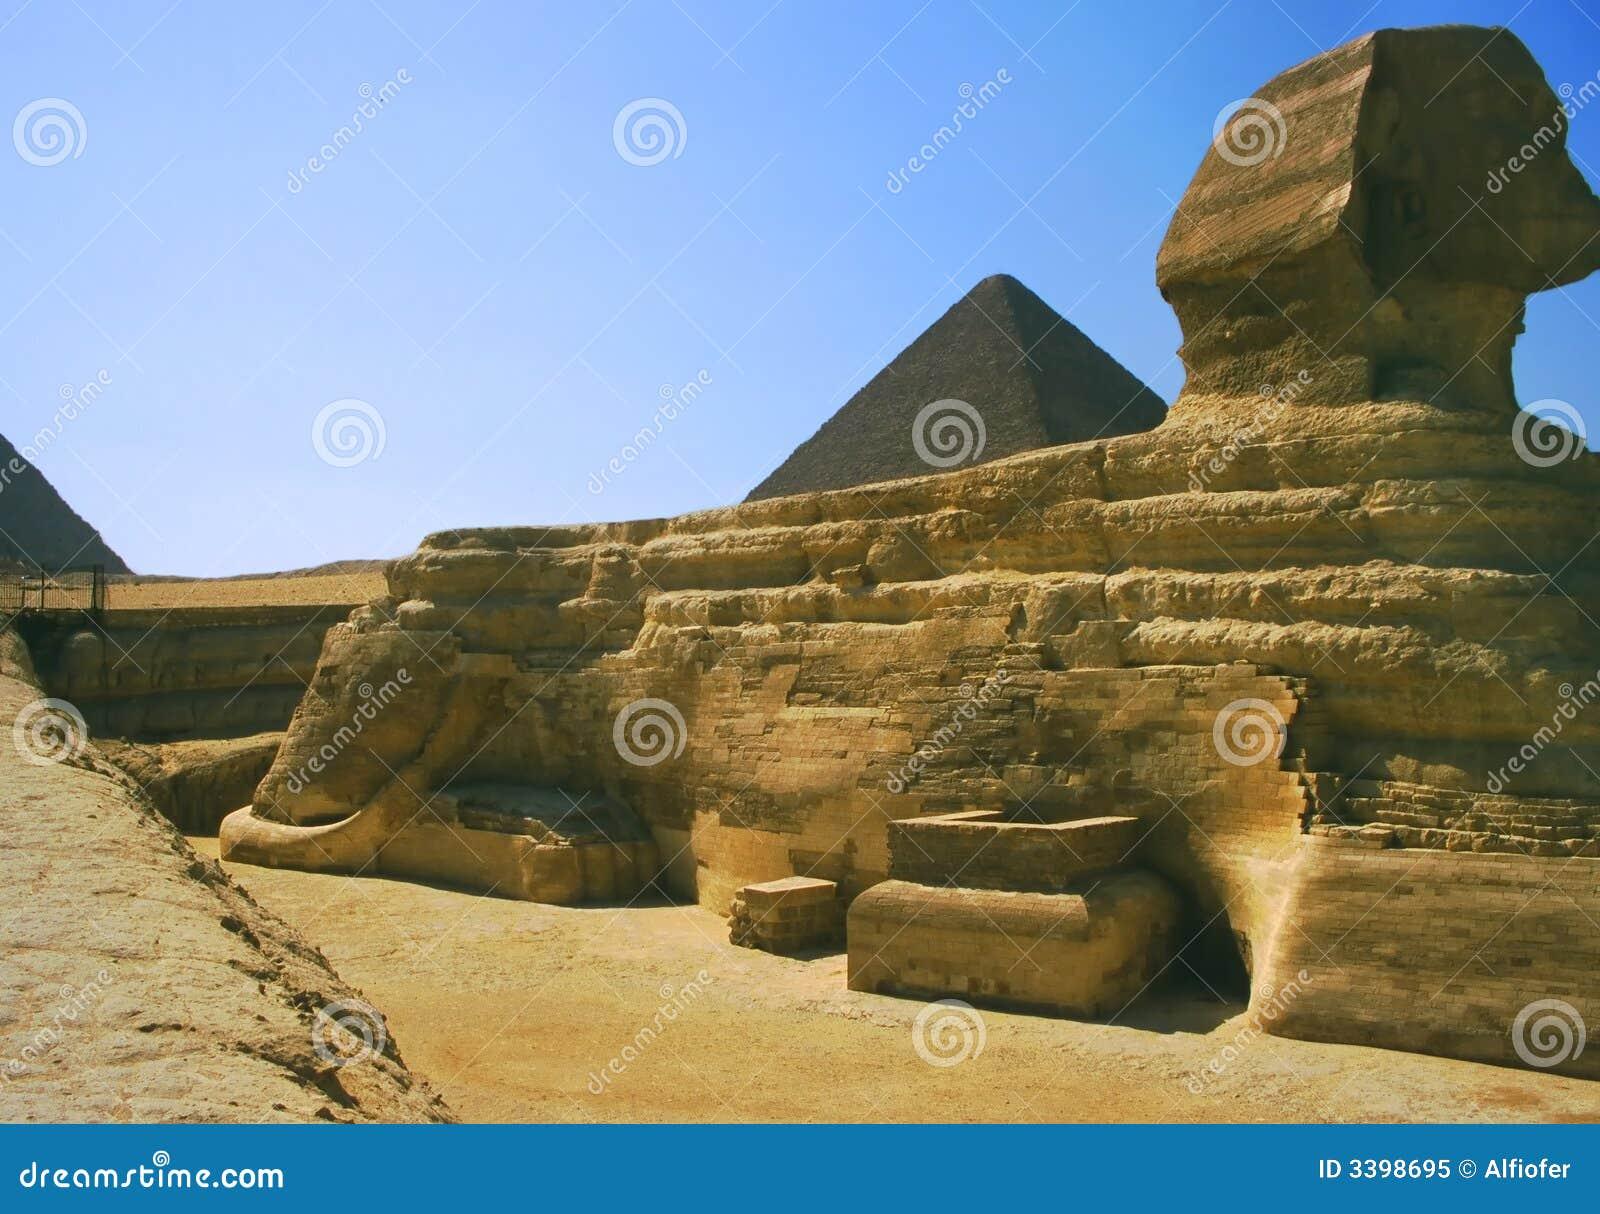 Sphinx de Giza